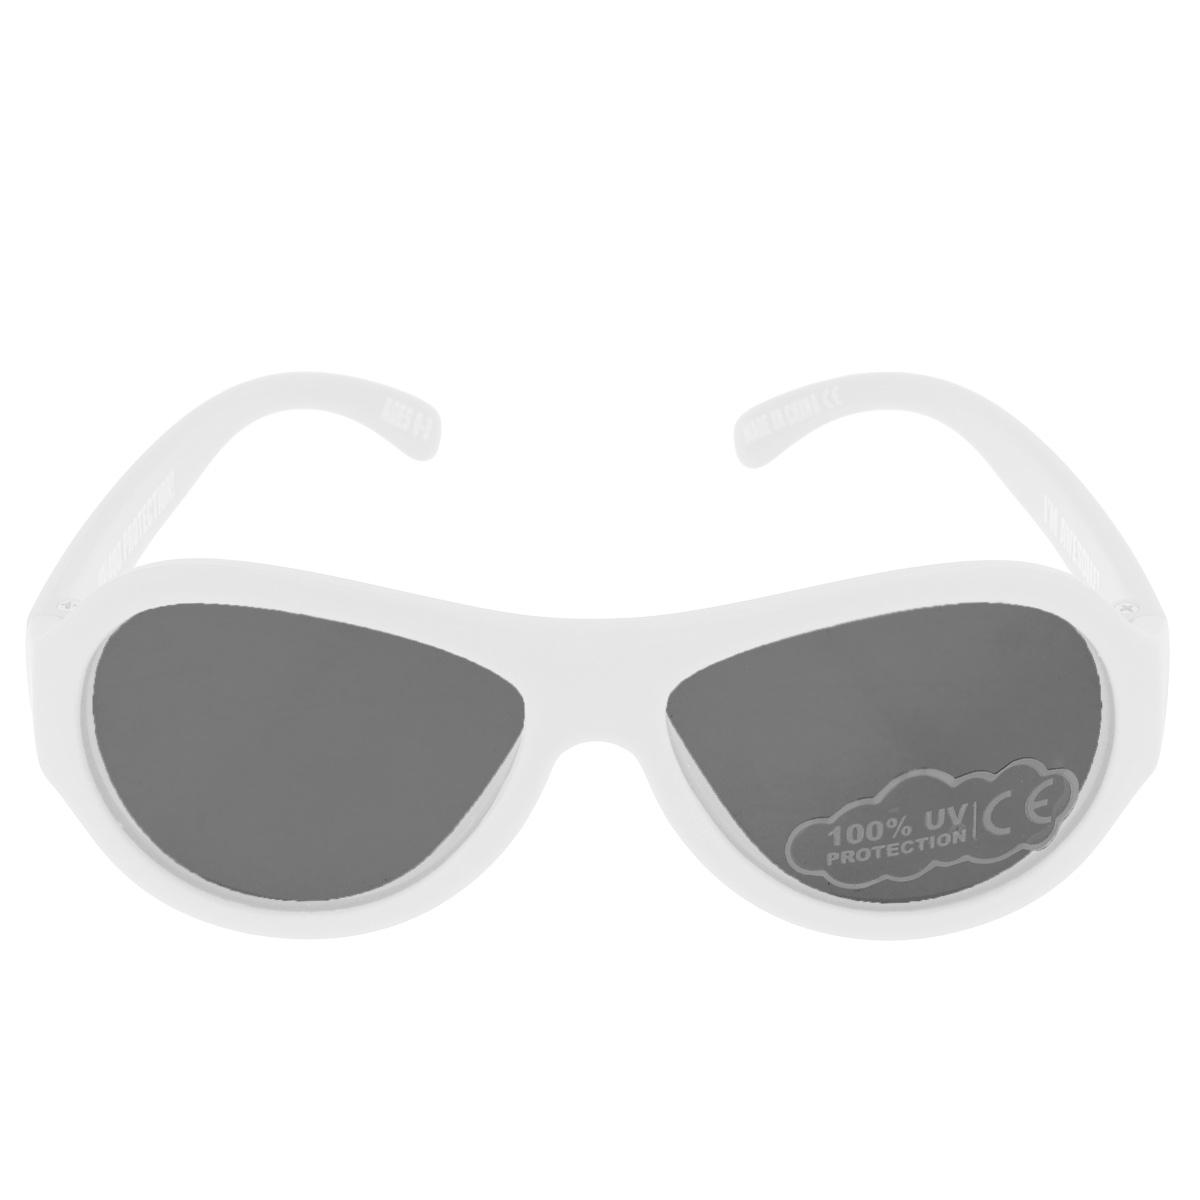 Детские солнцезащитные очки Babiators Шалун (Wicked), цвет: белый, 0-3 летINT-06501Вы делаете все возможное, чтобы ваши дети были здоровы и в безопасности. Шлемы для езды на велосипеде, солнцезащитный крем для прогулок на солнце... Но как насчёт влияния солнца на глаза вашего ребёнка? Правда в том, что сетчатка глаза у детей развивается вместе с самим ребёнком. Это означает, что глаза малышей не могут отфильтровать УФ-излучение. Проблема понятна - детям нужна настоящая защита, чтобы глазки были в безопасности, а зрение сильным.Каждая пара солнцезащитных очков Babiators для детей обеспечивает 100% защиту от UVA и UVB. Прочные линзы высшего качества не подведут в самых сложных переделках. В отличие от обычных пластиковых очков, оправа Babiators выполнена из гибкого прорезиненного материала, что делает их ударопрочными, их можно сгибать и крутить - они не сломаются и вернутся в прежнюю форму. Не бойтесь, что ребёнок сядет на них - они всё выдержат. Будьте уверены, что очки Babiators созданы безопасными, прочными и классными, так что вы и ваш ребенок можете приступать к своим приключениям!